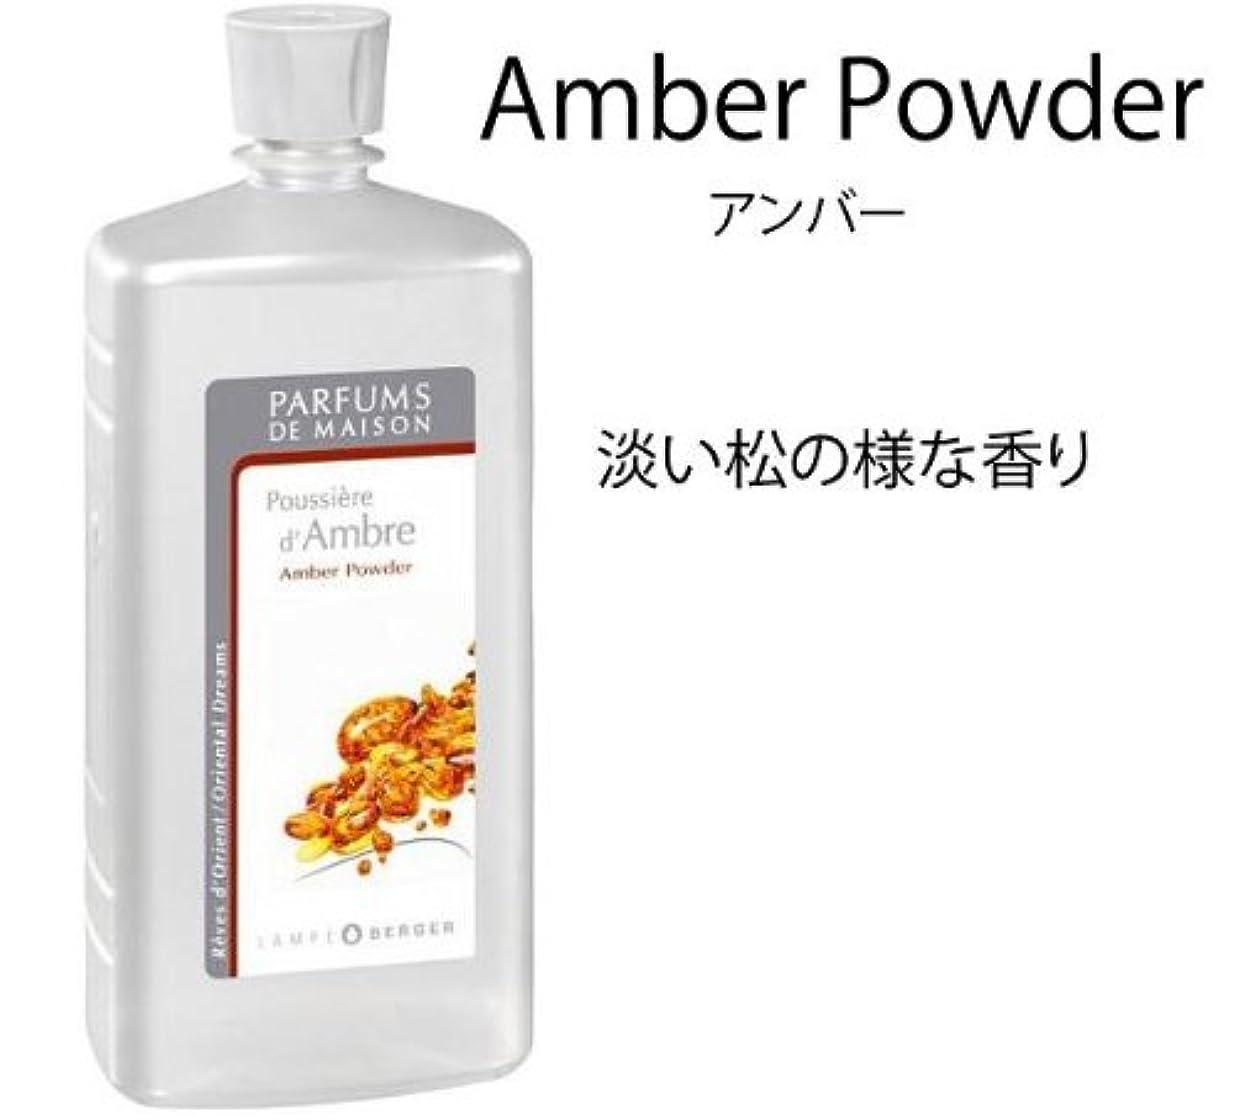 エステート支配的分析的【LAMP BERGER】France1000ml/Aroma Oil●Amber Powder●アンバー